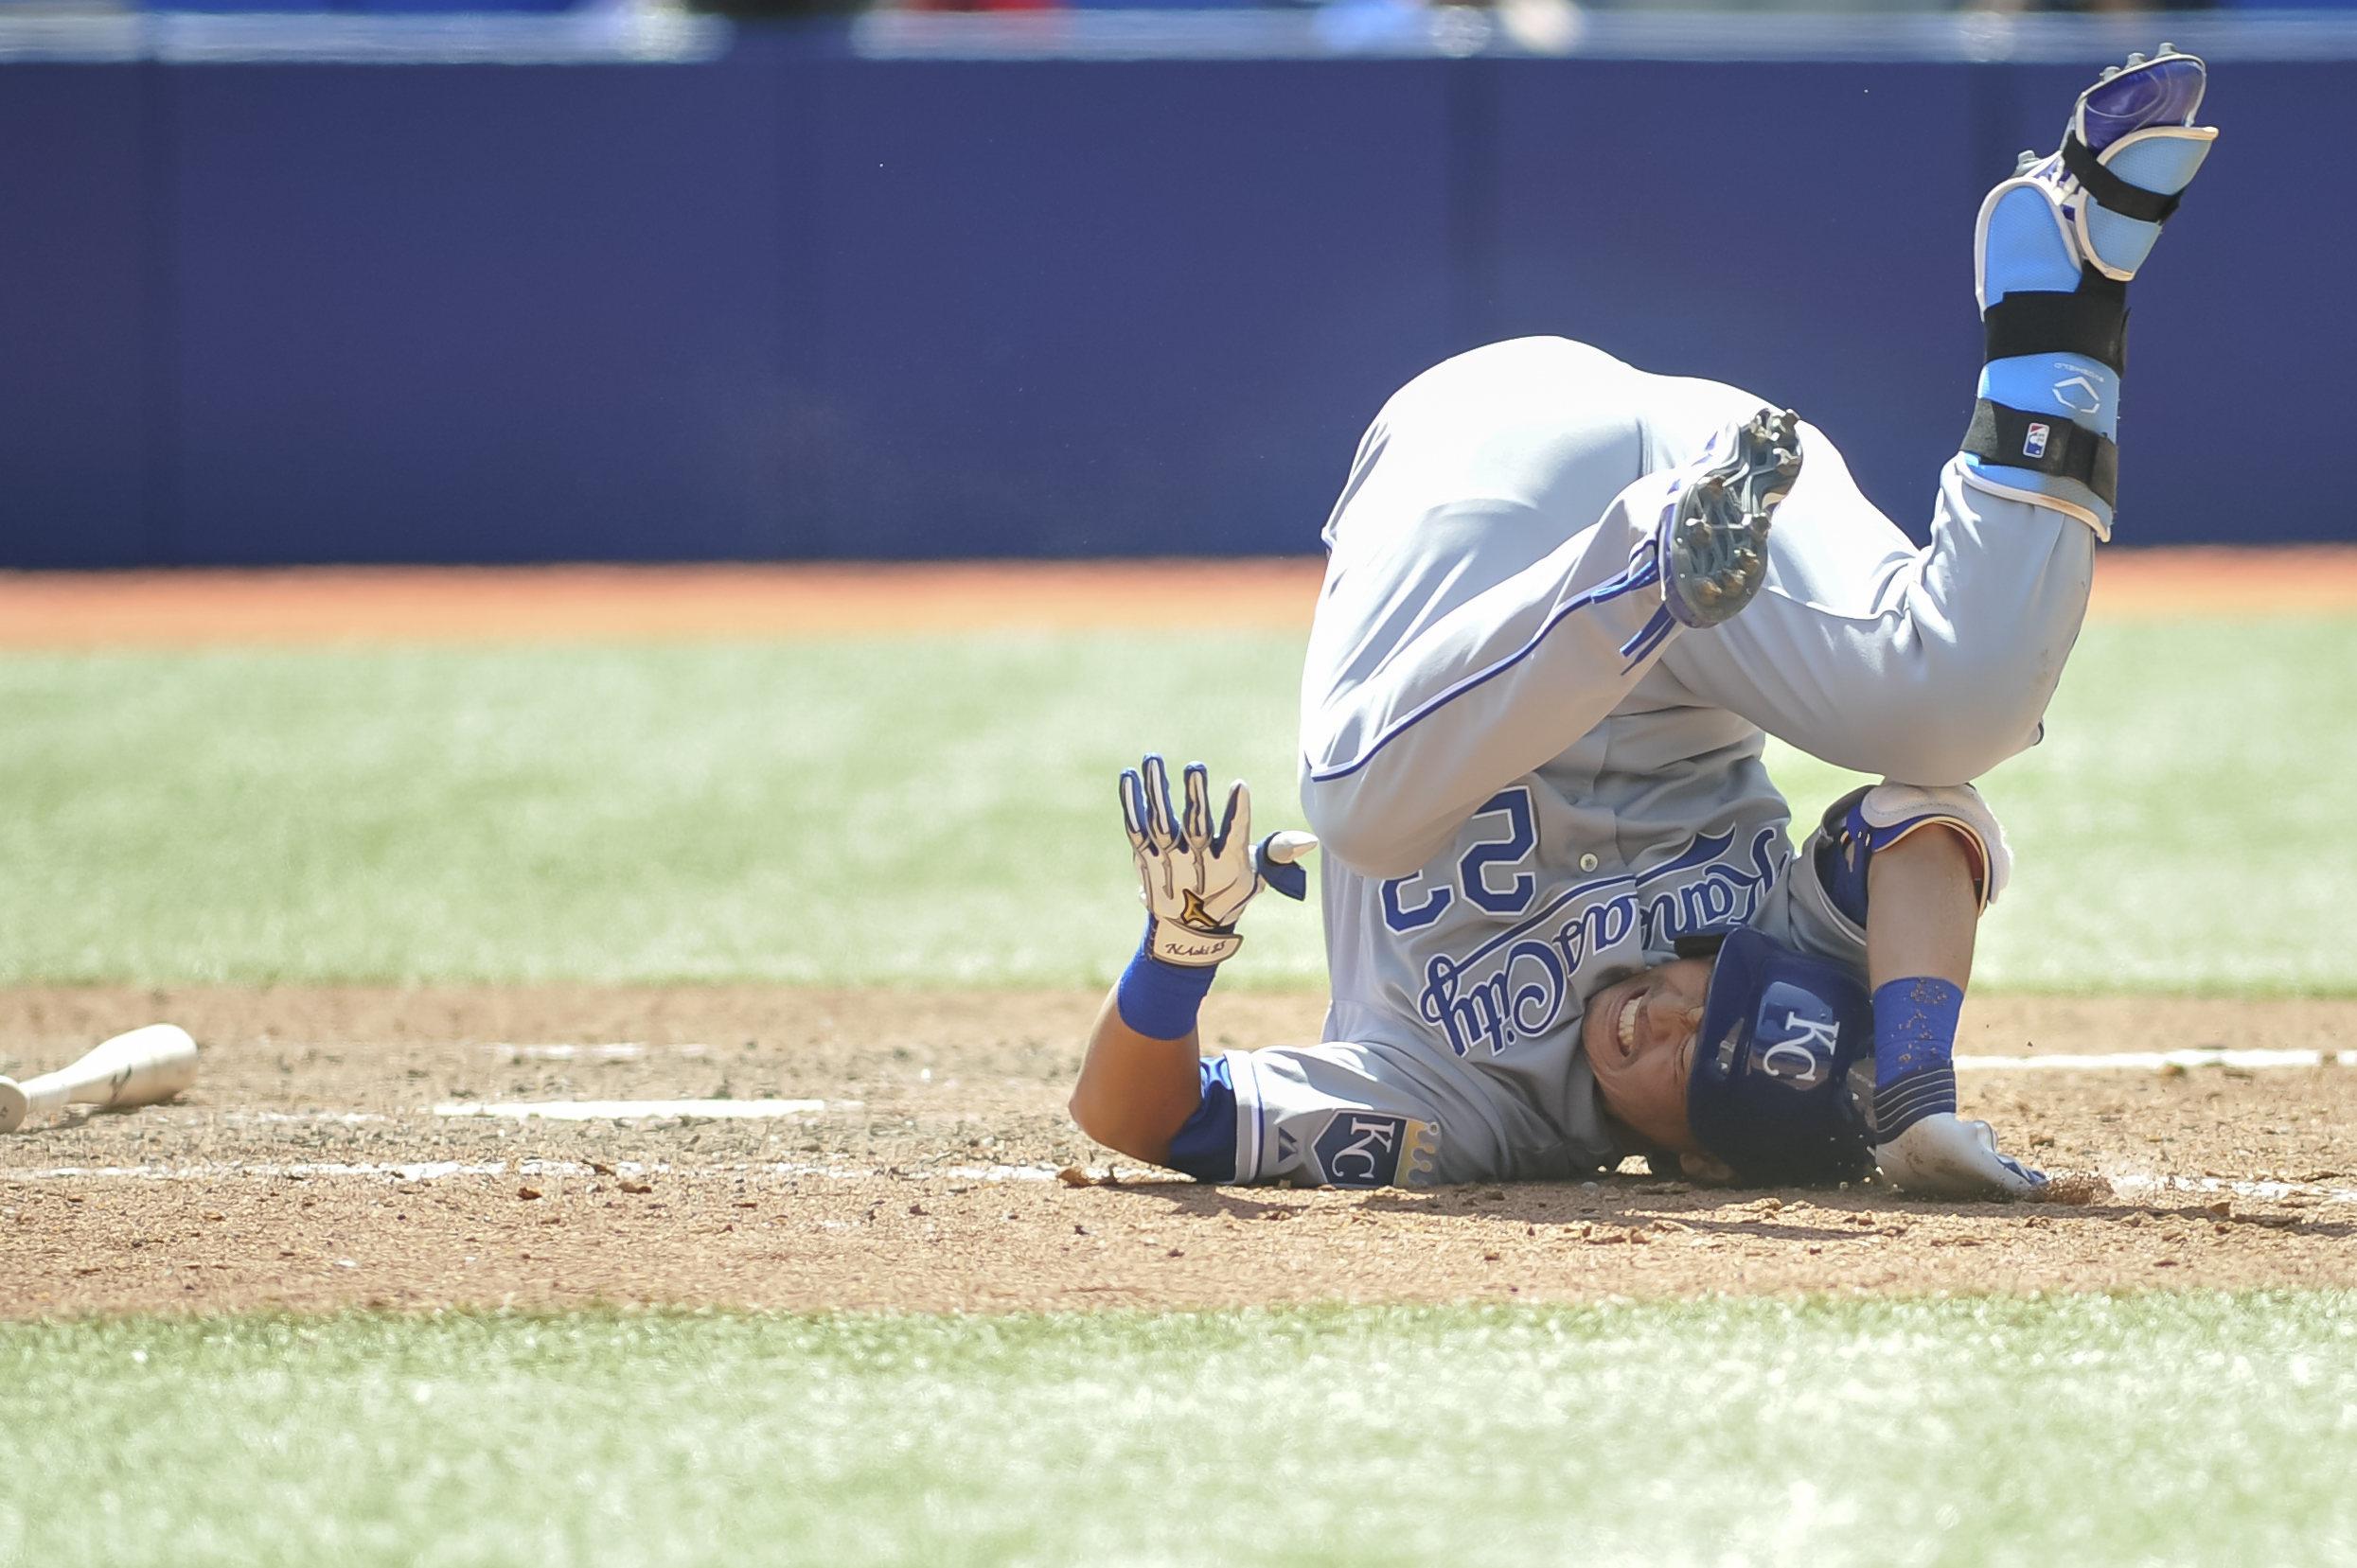 MLB: MAY 31 Royals at Blue Jays